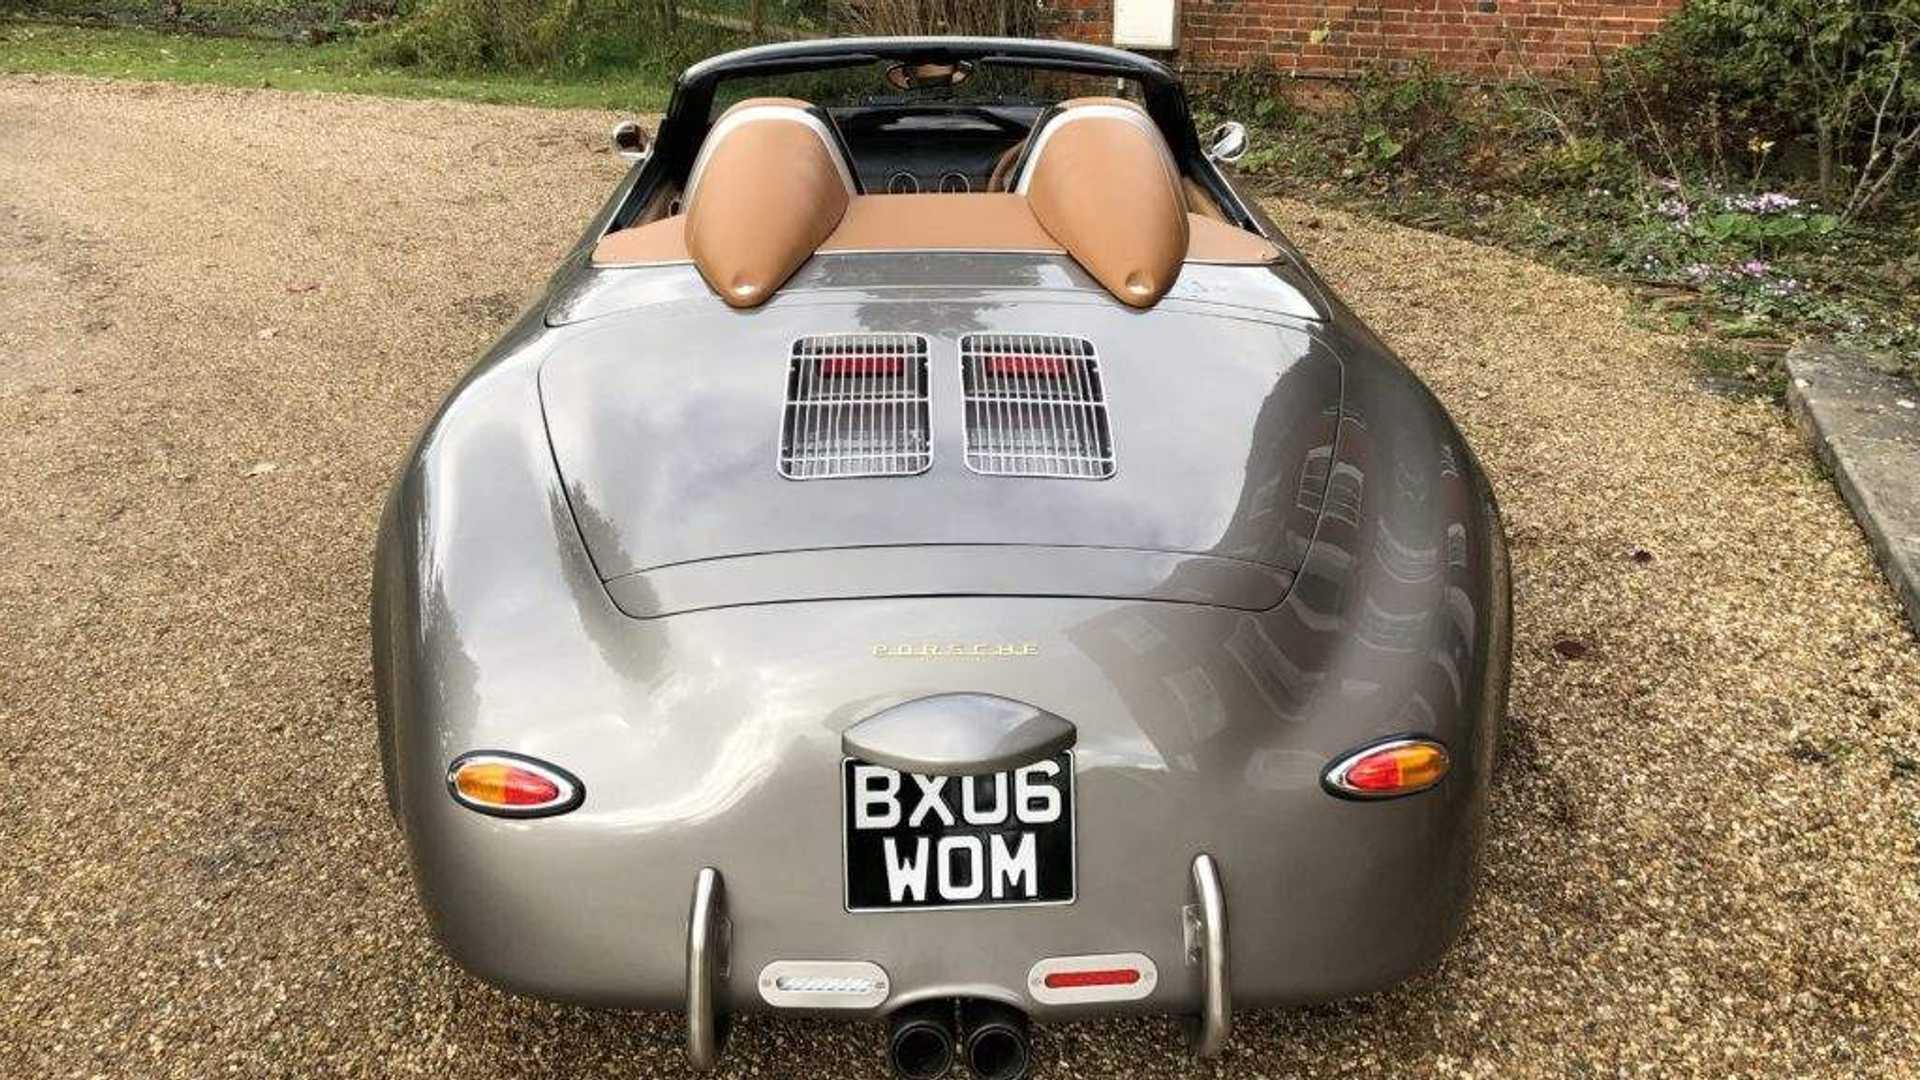 Preparadora britânica cria réplica de Porsche 356 Speedster com base num Boxster